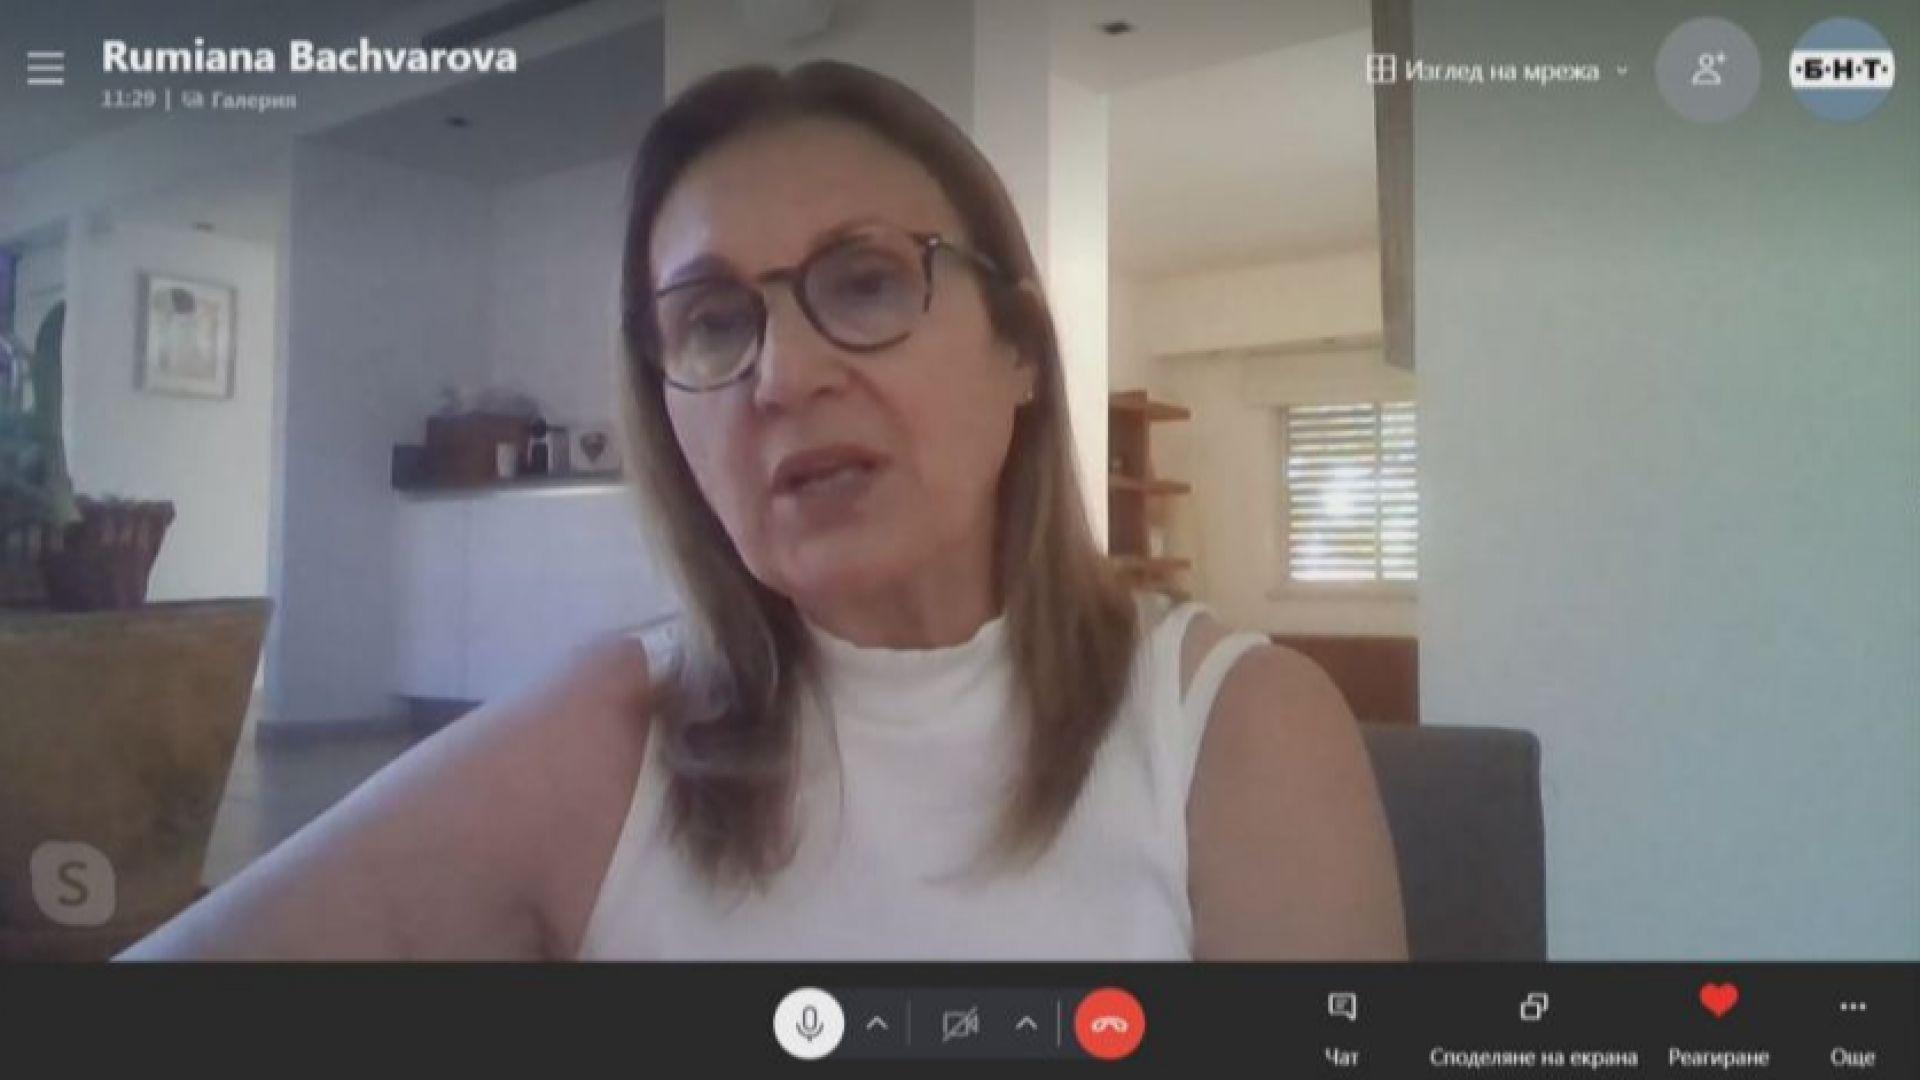 Посланик Бъчварова за Израел: Драматична картина, дори за хората, които са свикнали